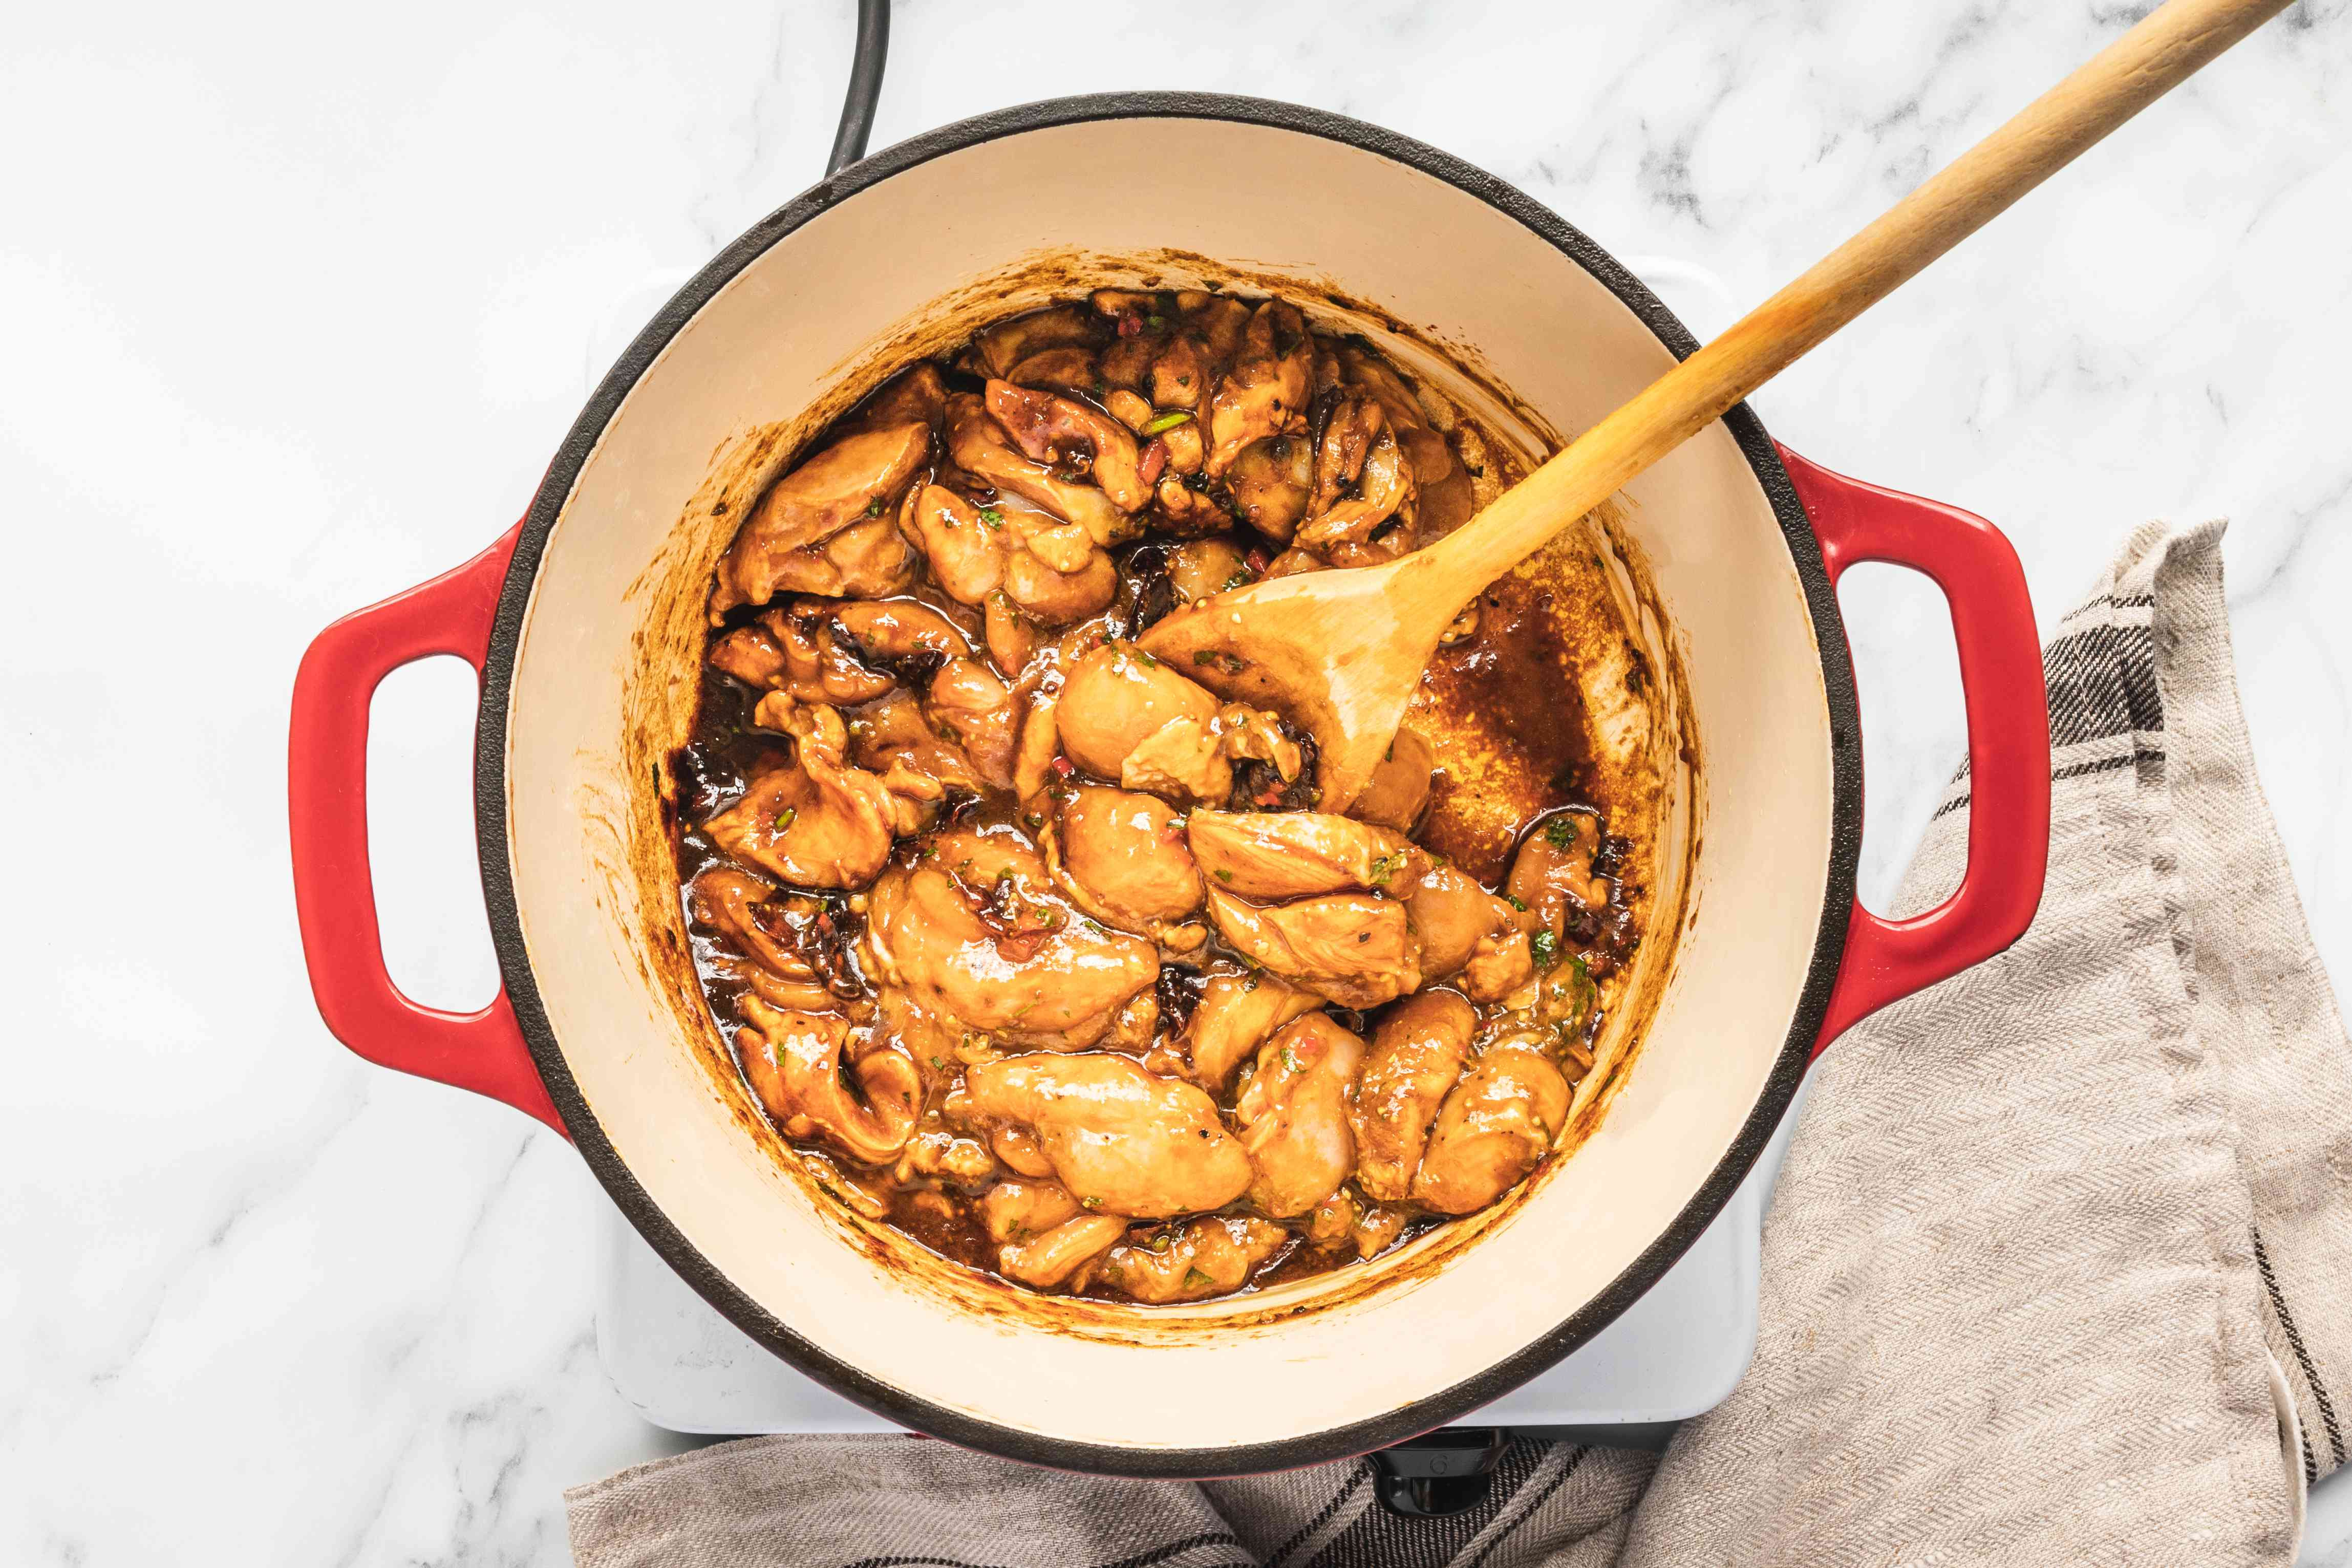 Stir to mix chicken with burnt sugar